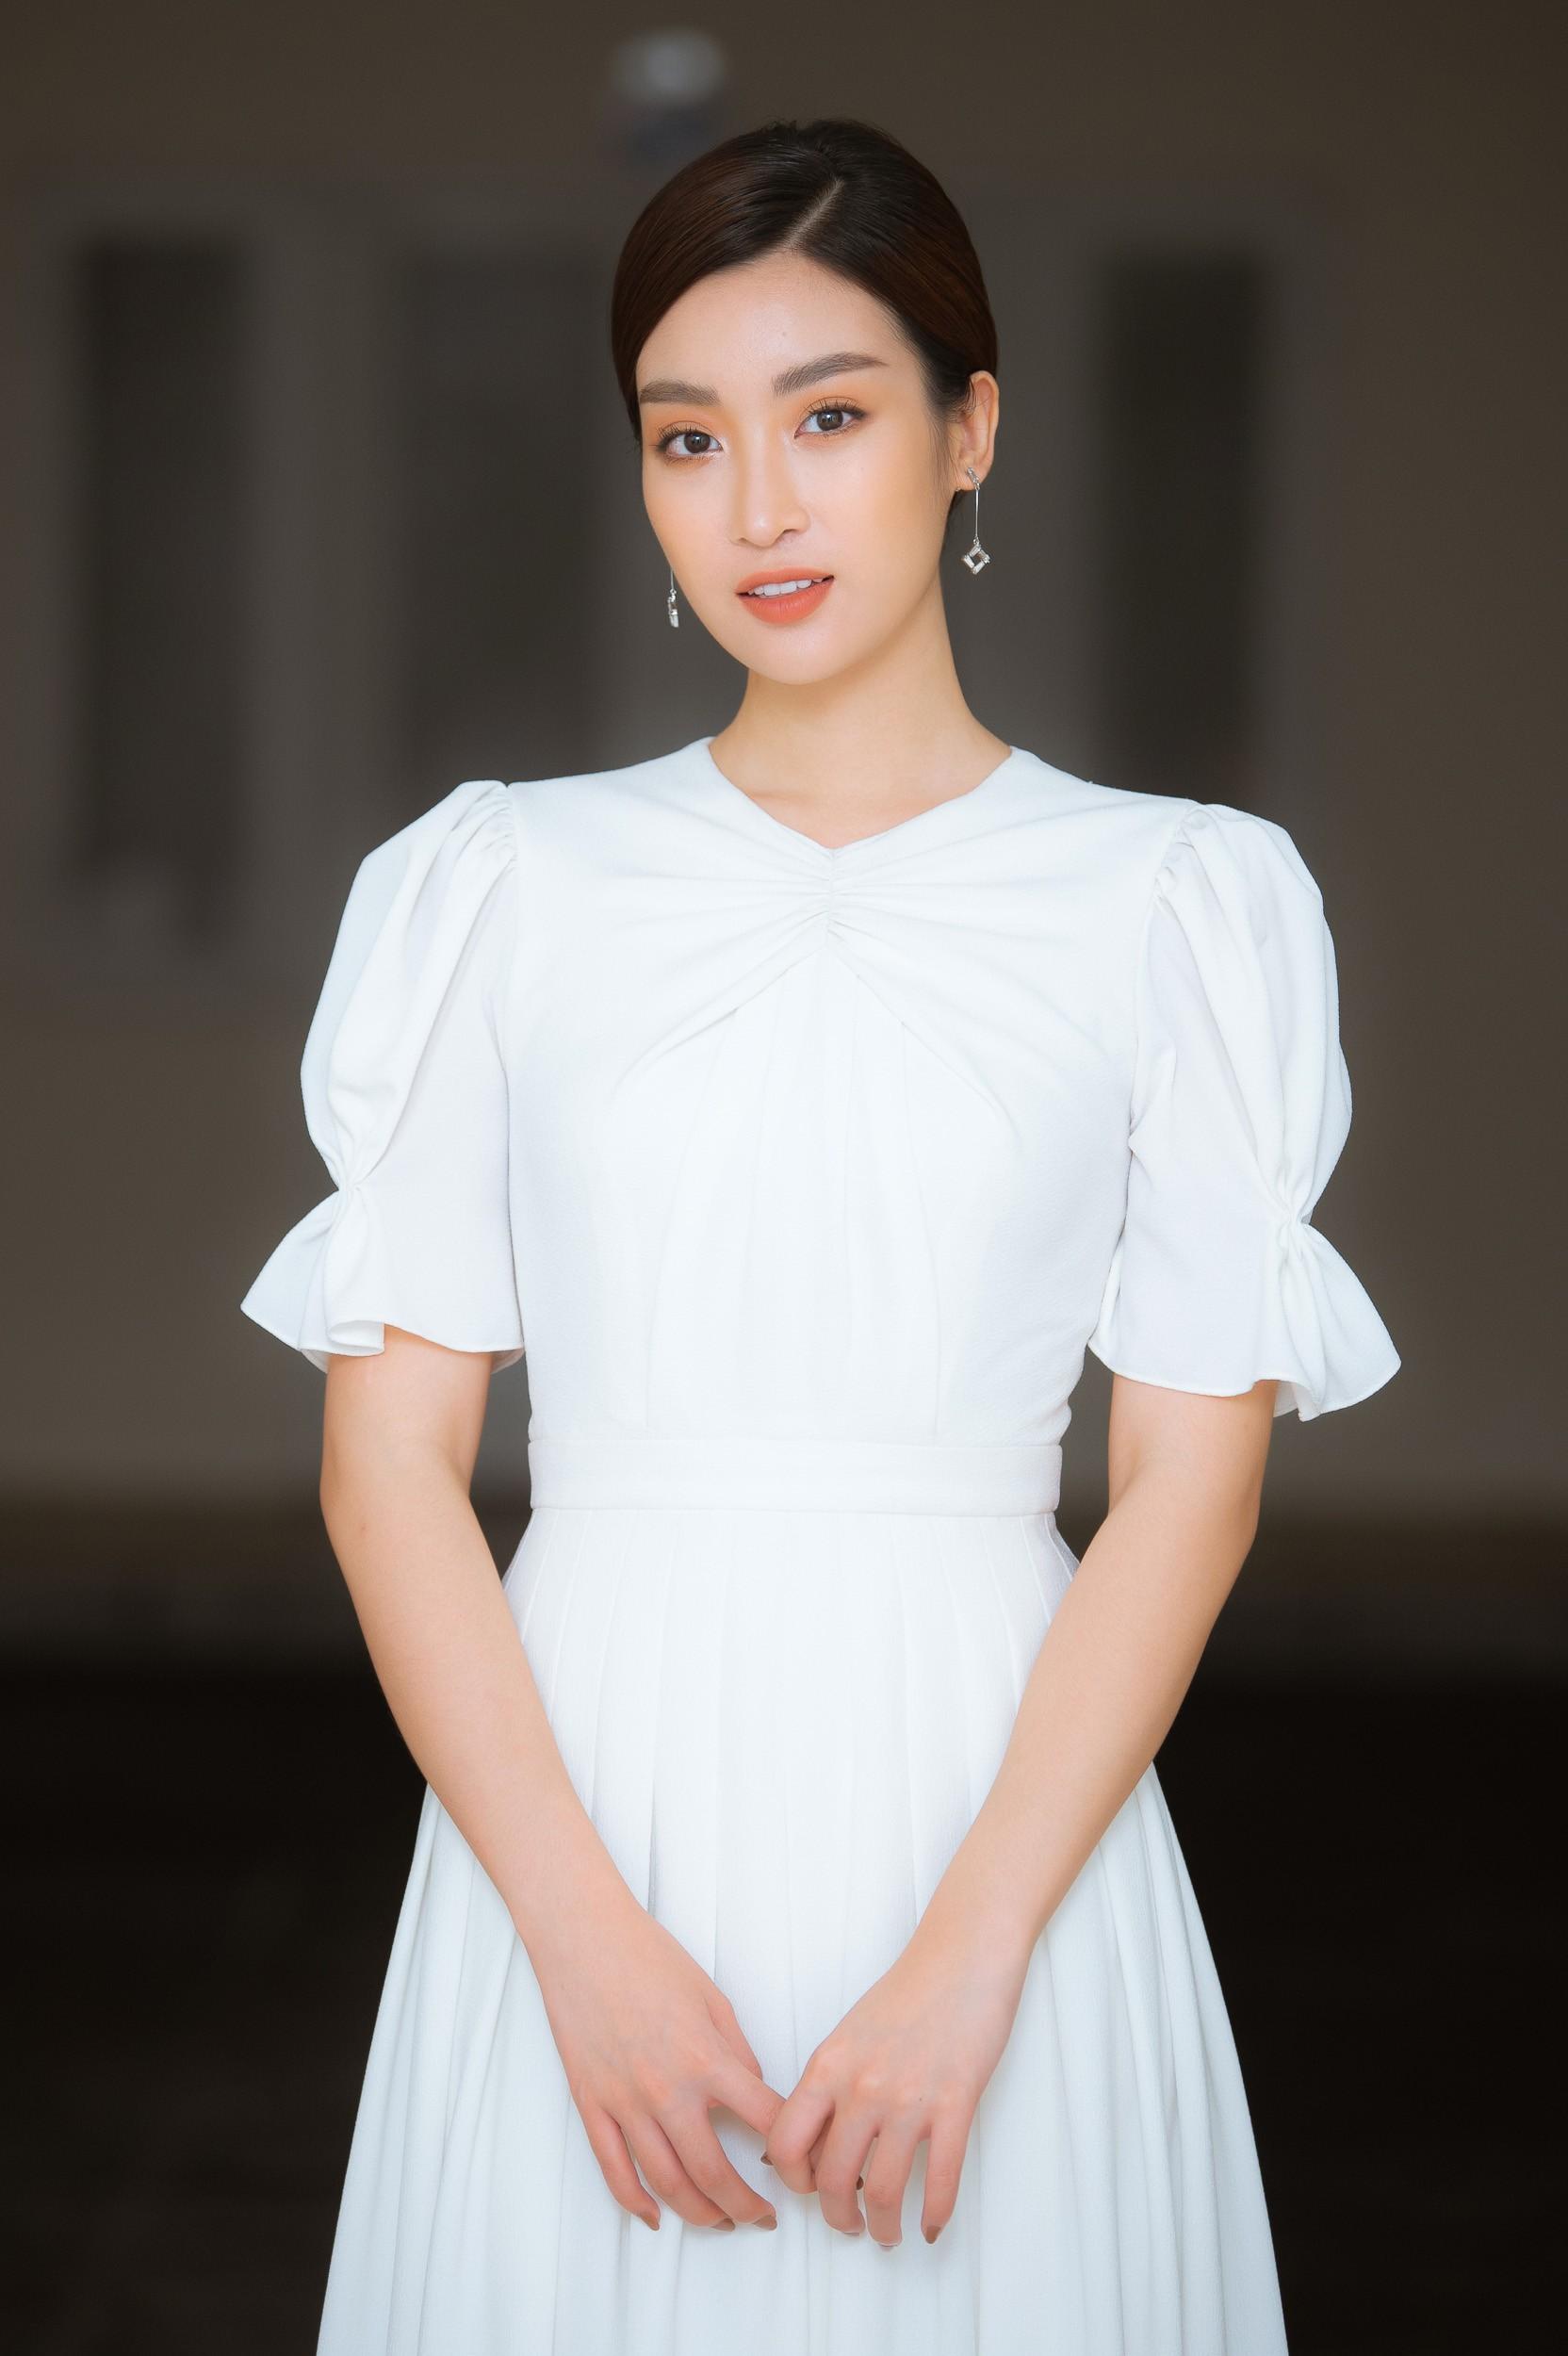 Đỗ Mỹ Linh làm giám khảo cuộc thi sắc đẹp dành cho người khuyết tật - Ảnh 1.